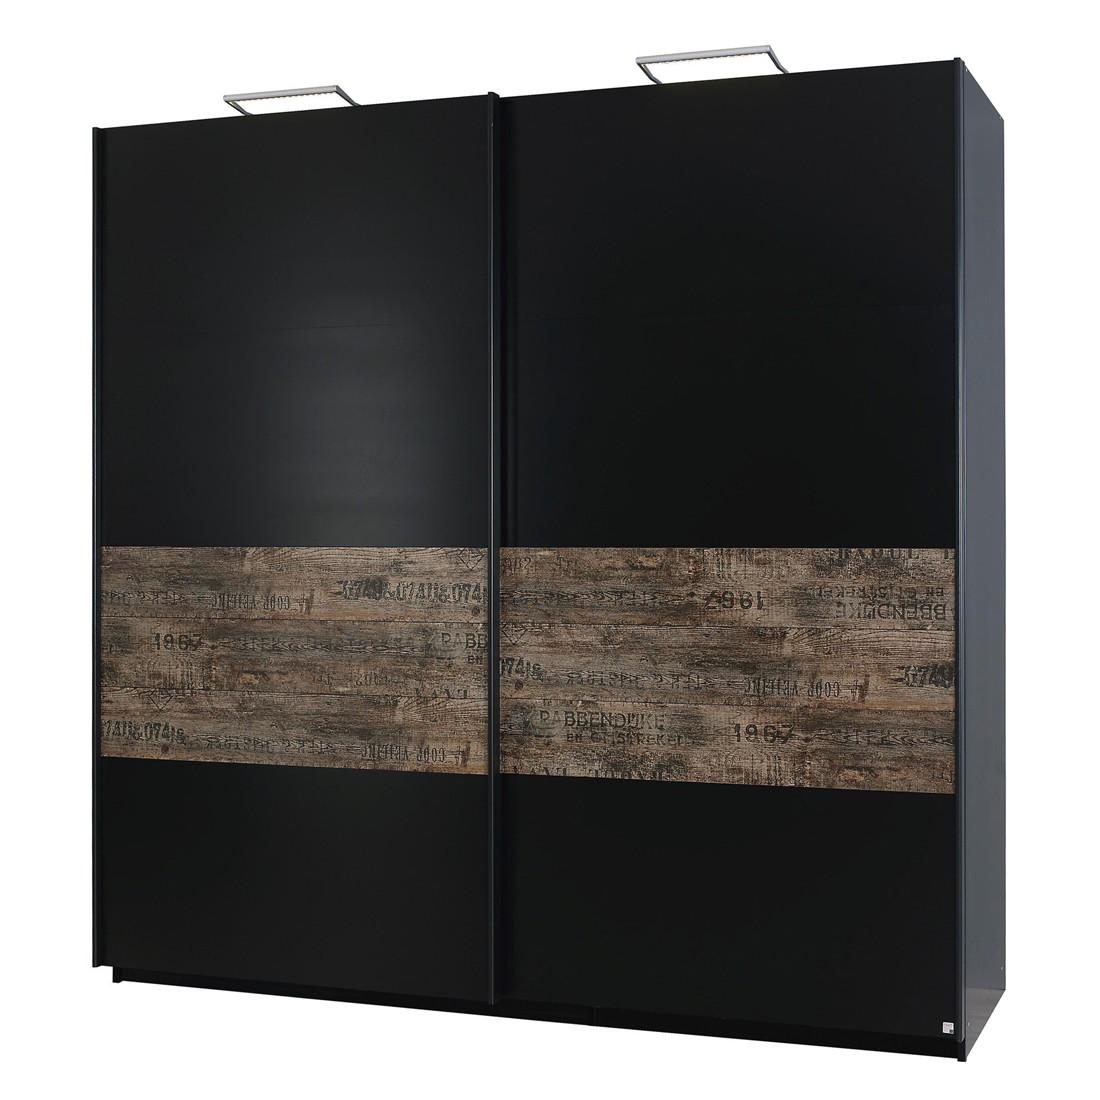 Armoire à portes coulissantes Sumatra I - Noir / Brown de cru - 136 cm (2 portes), Rauch Select